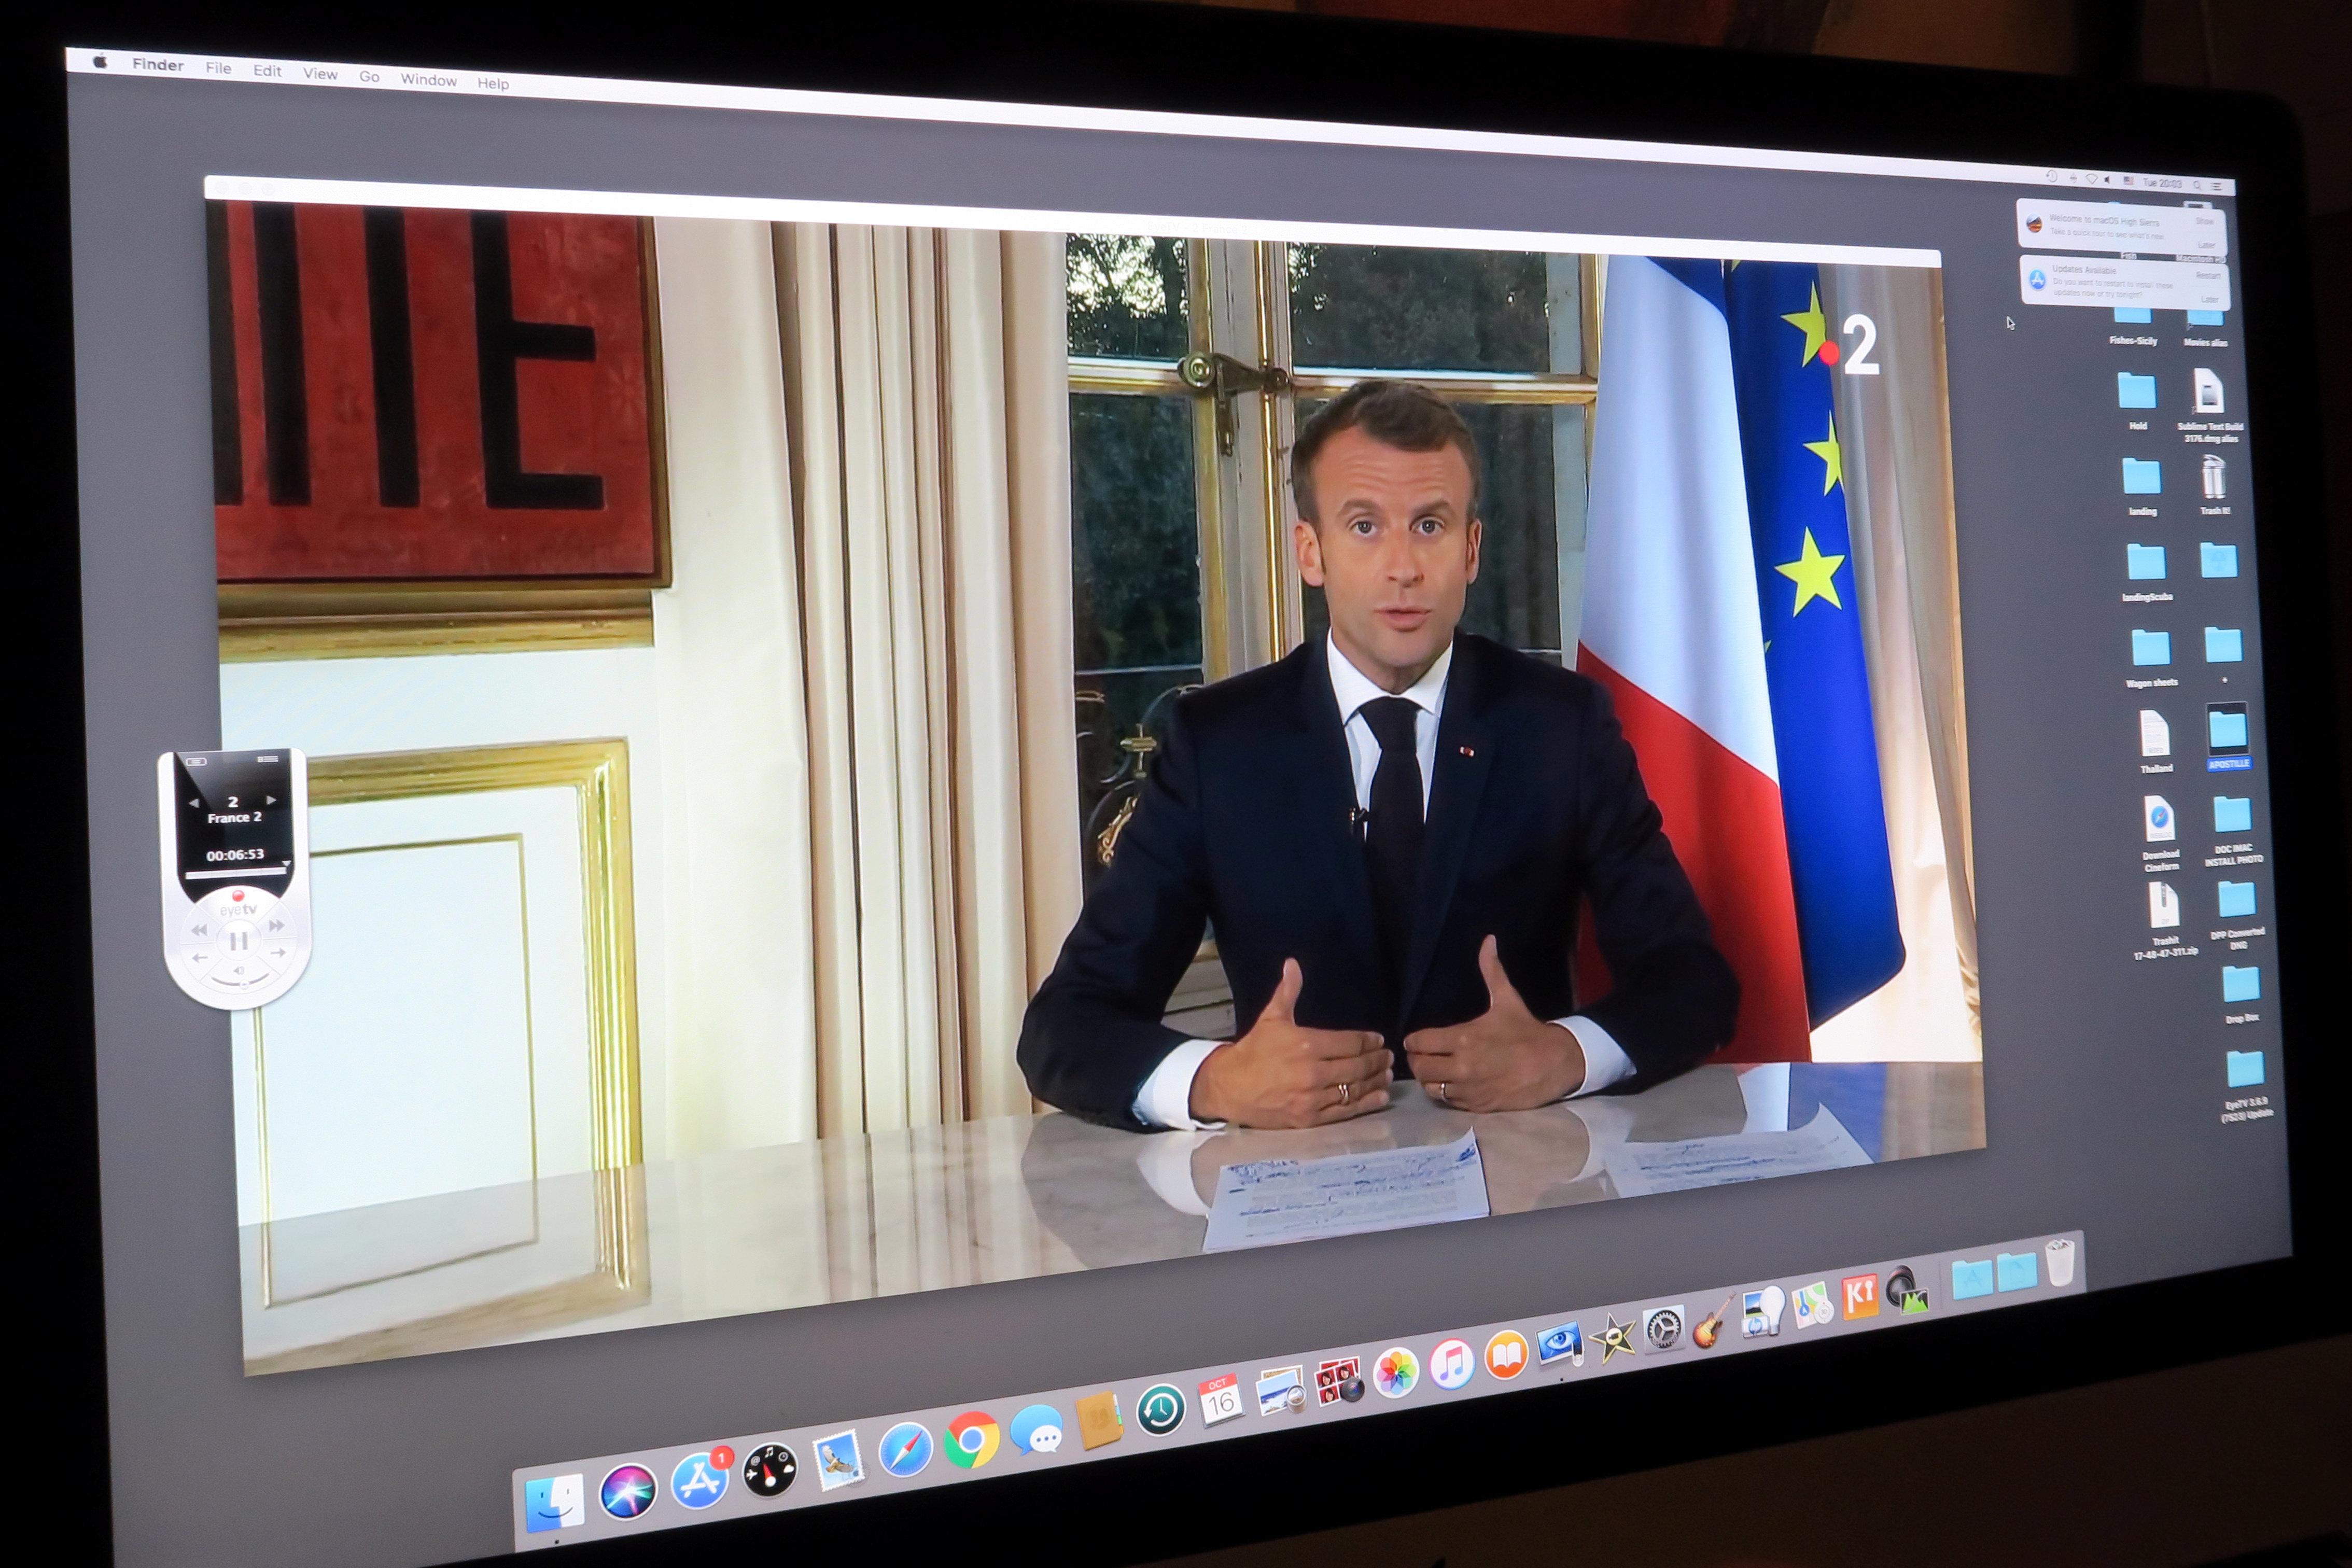 Impôts, ENA, retraites... Les annonces que Macron avait prévu de